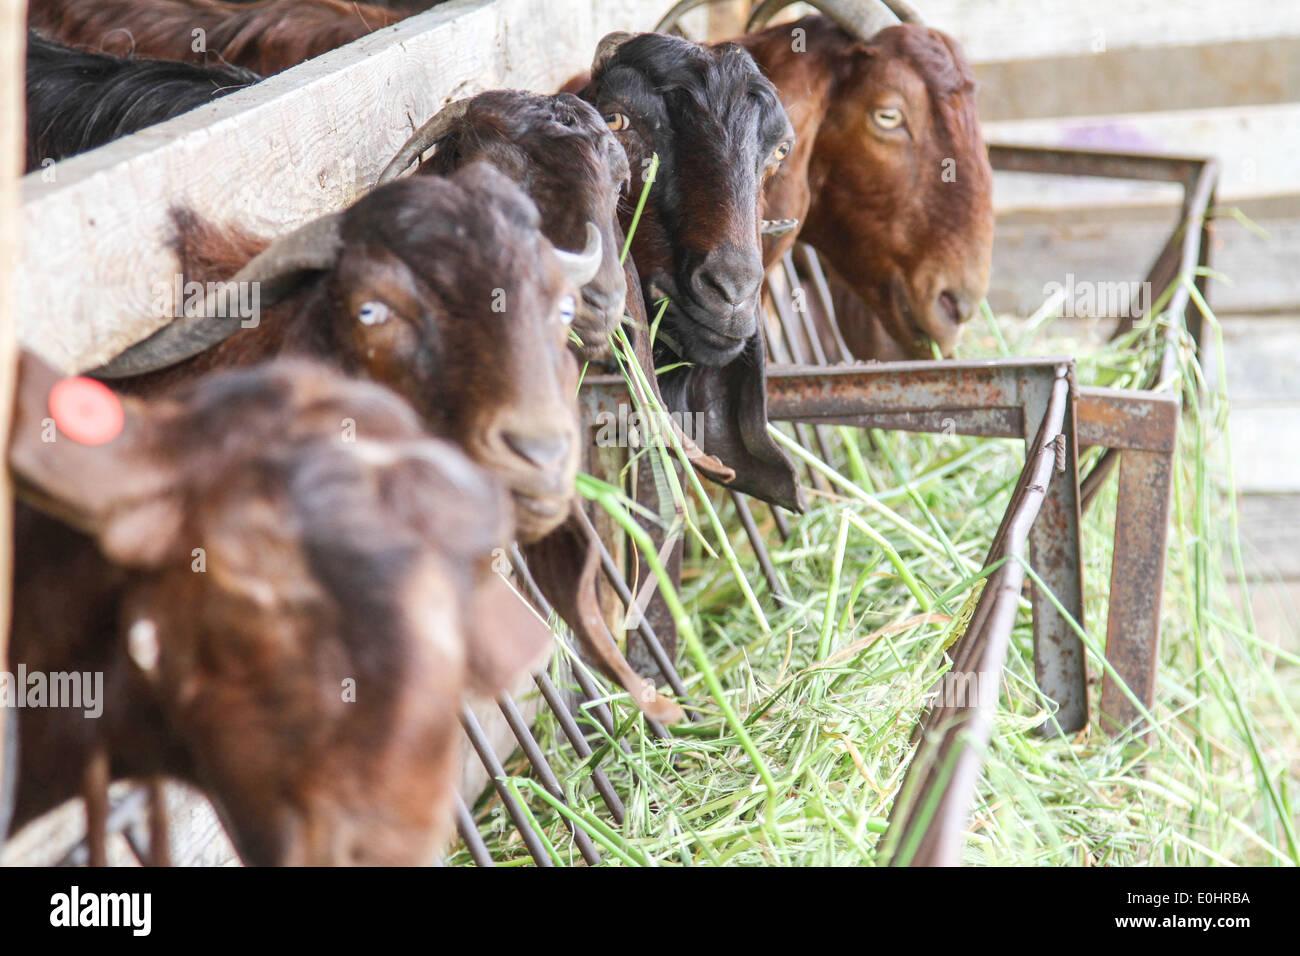 Capre mangia fieno in un caseificio pen Immagini Stock